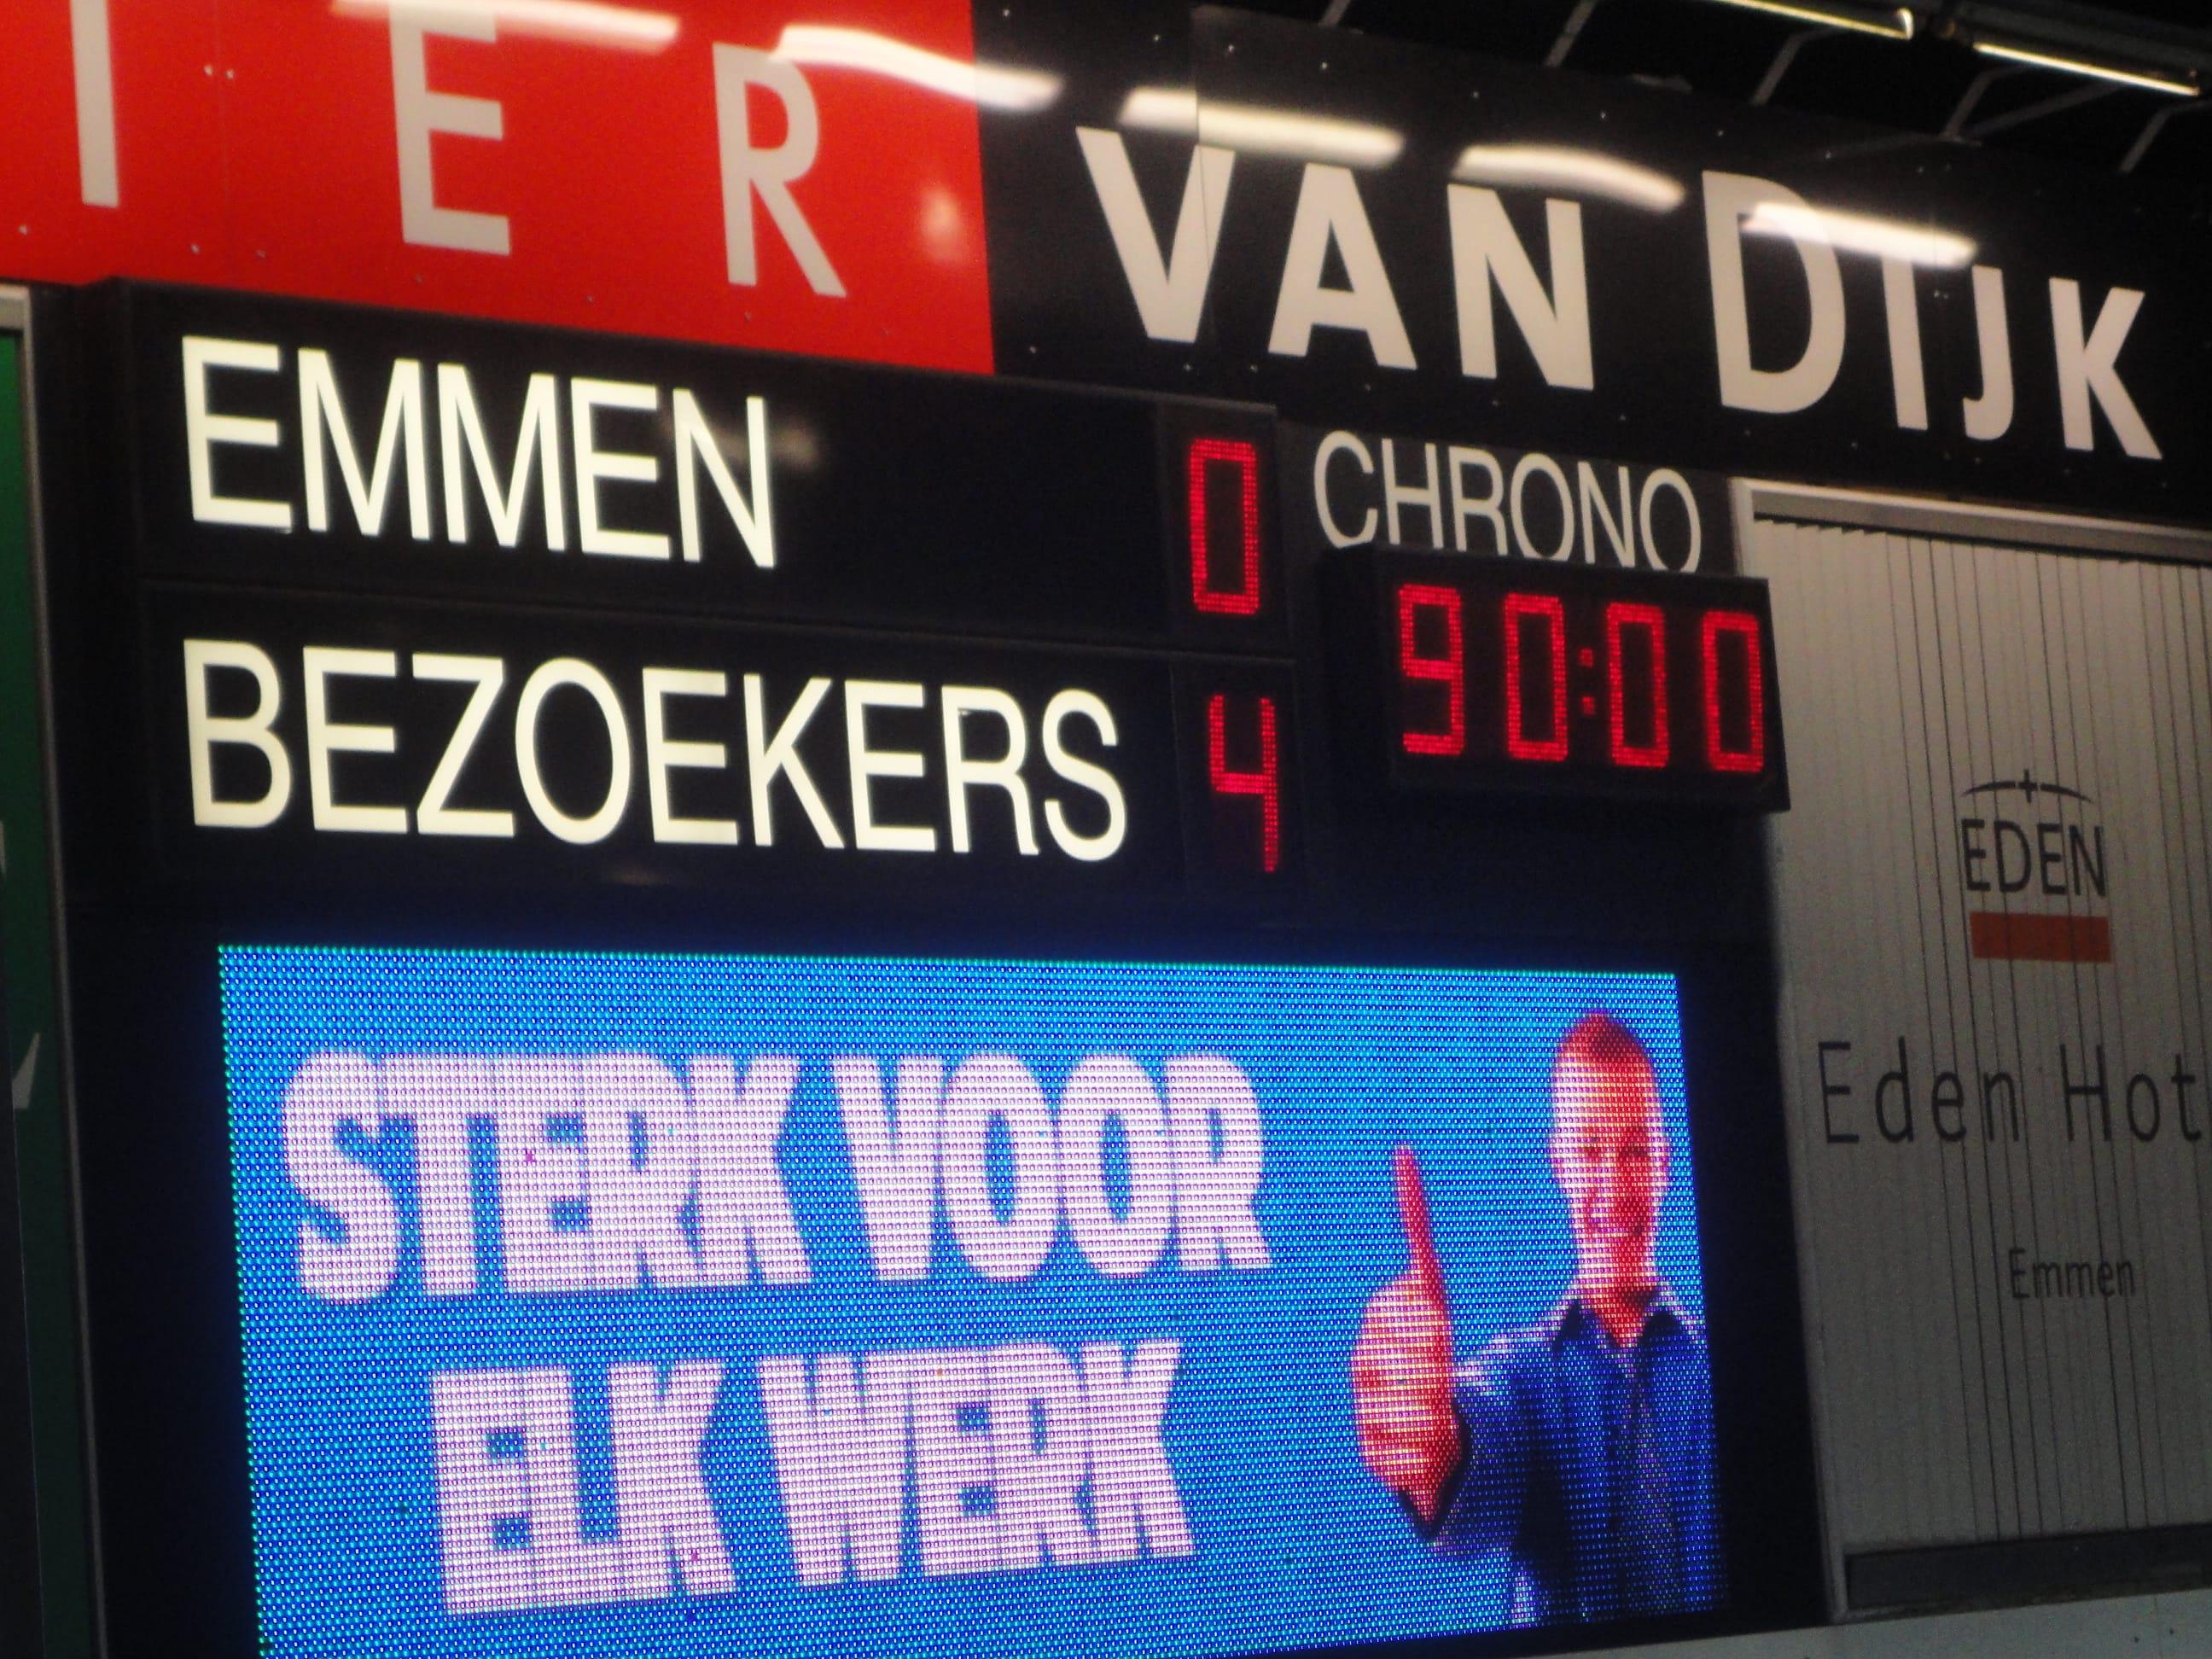 FC Emmen 0 Fortuna Sittard 4